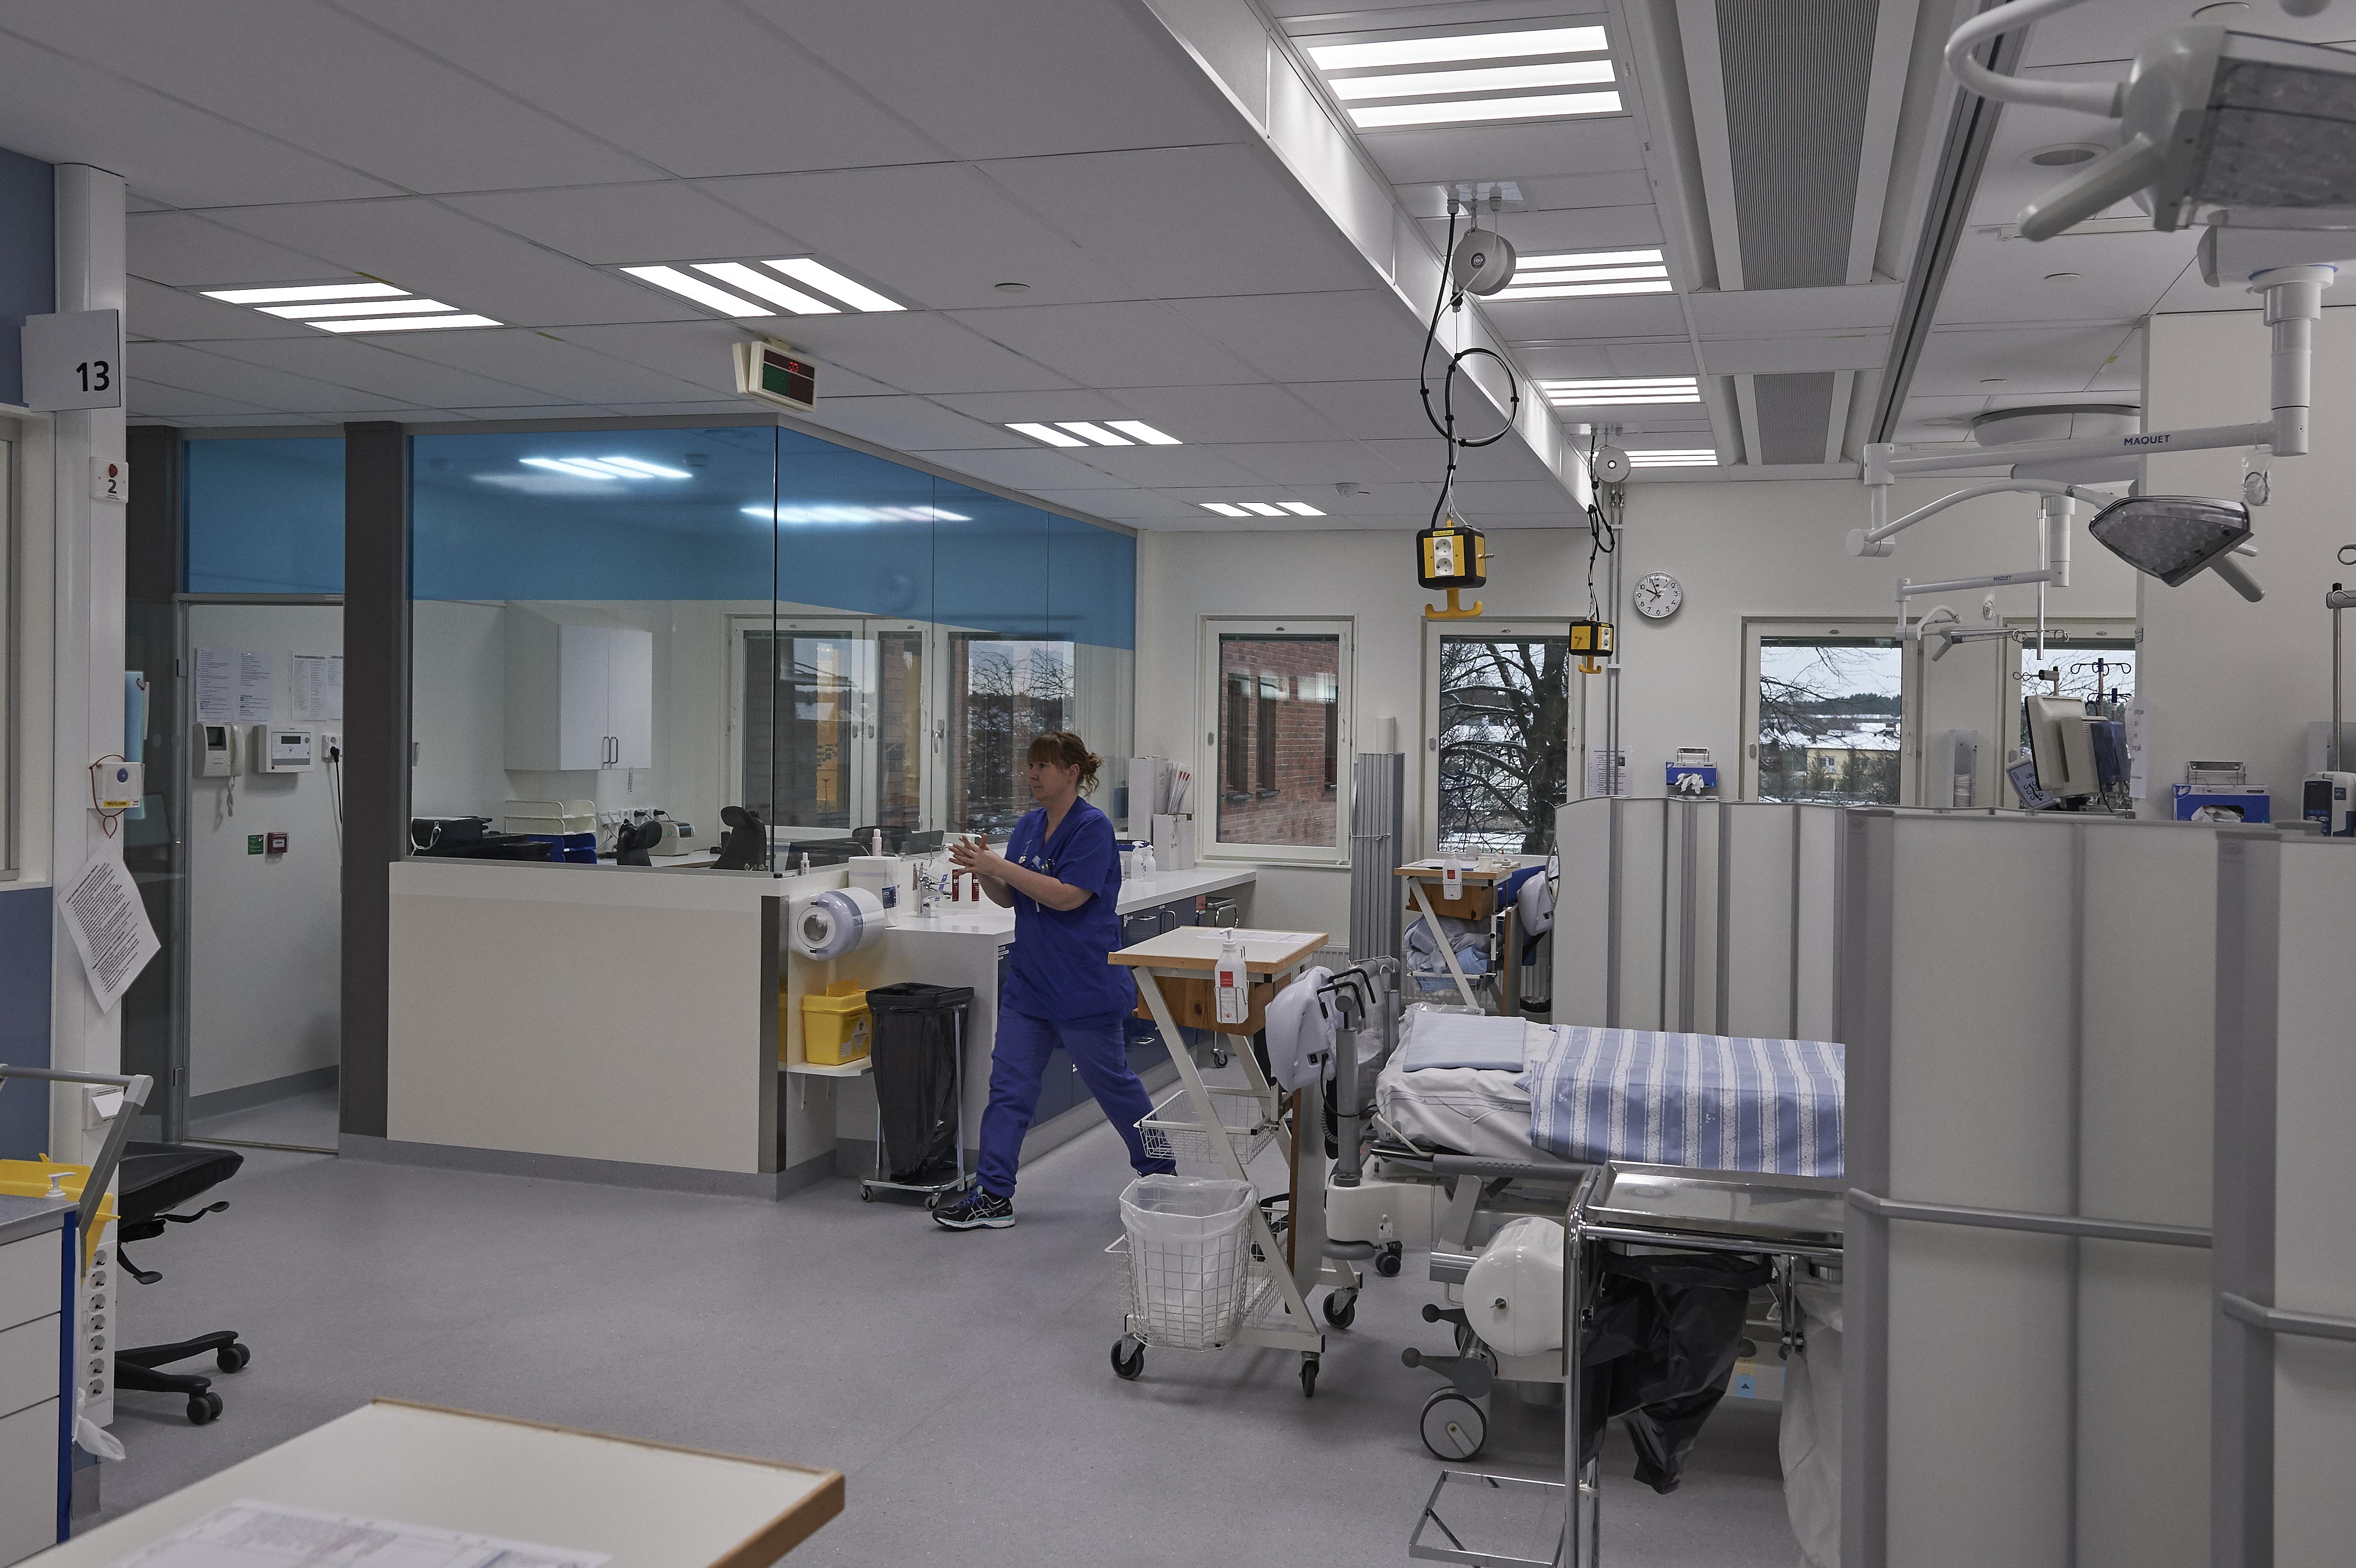 Konference om evidensbaseret døgnrytmelys til hospitaler